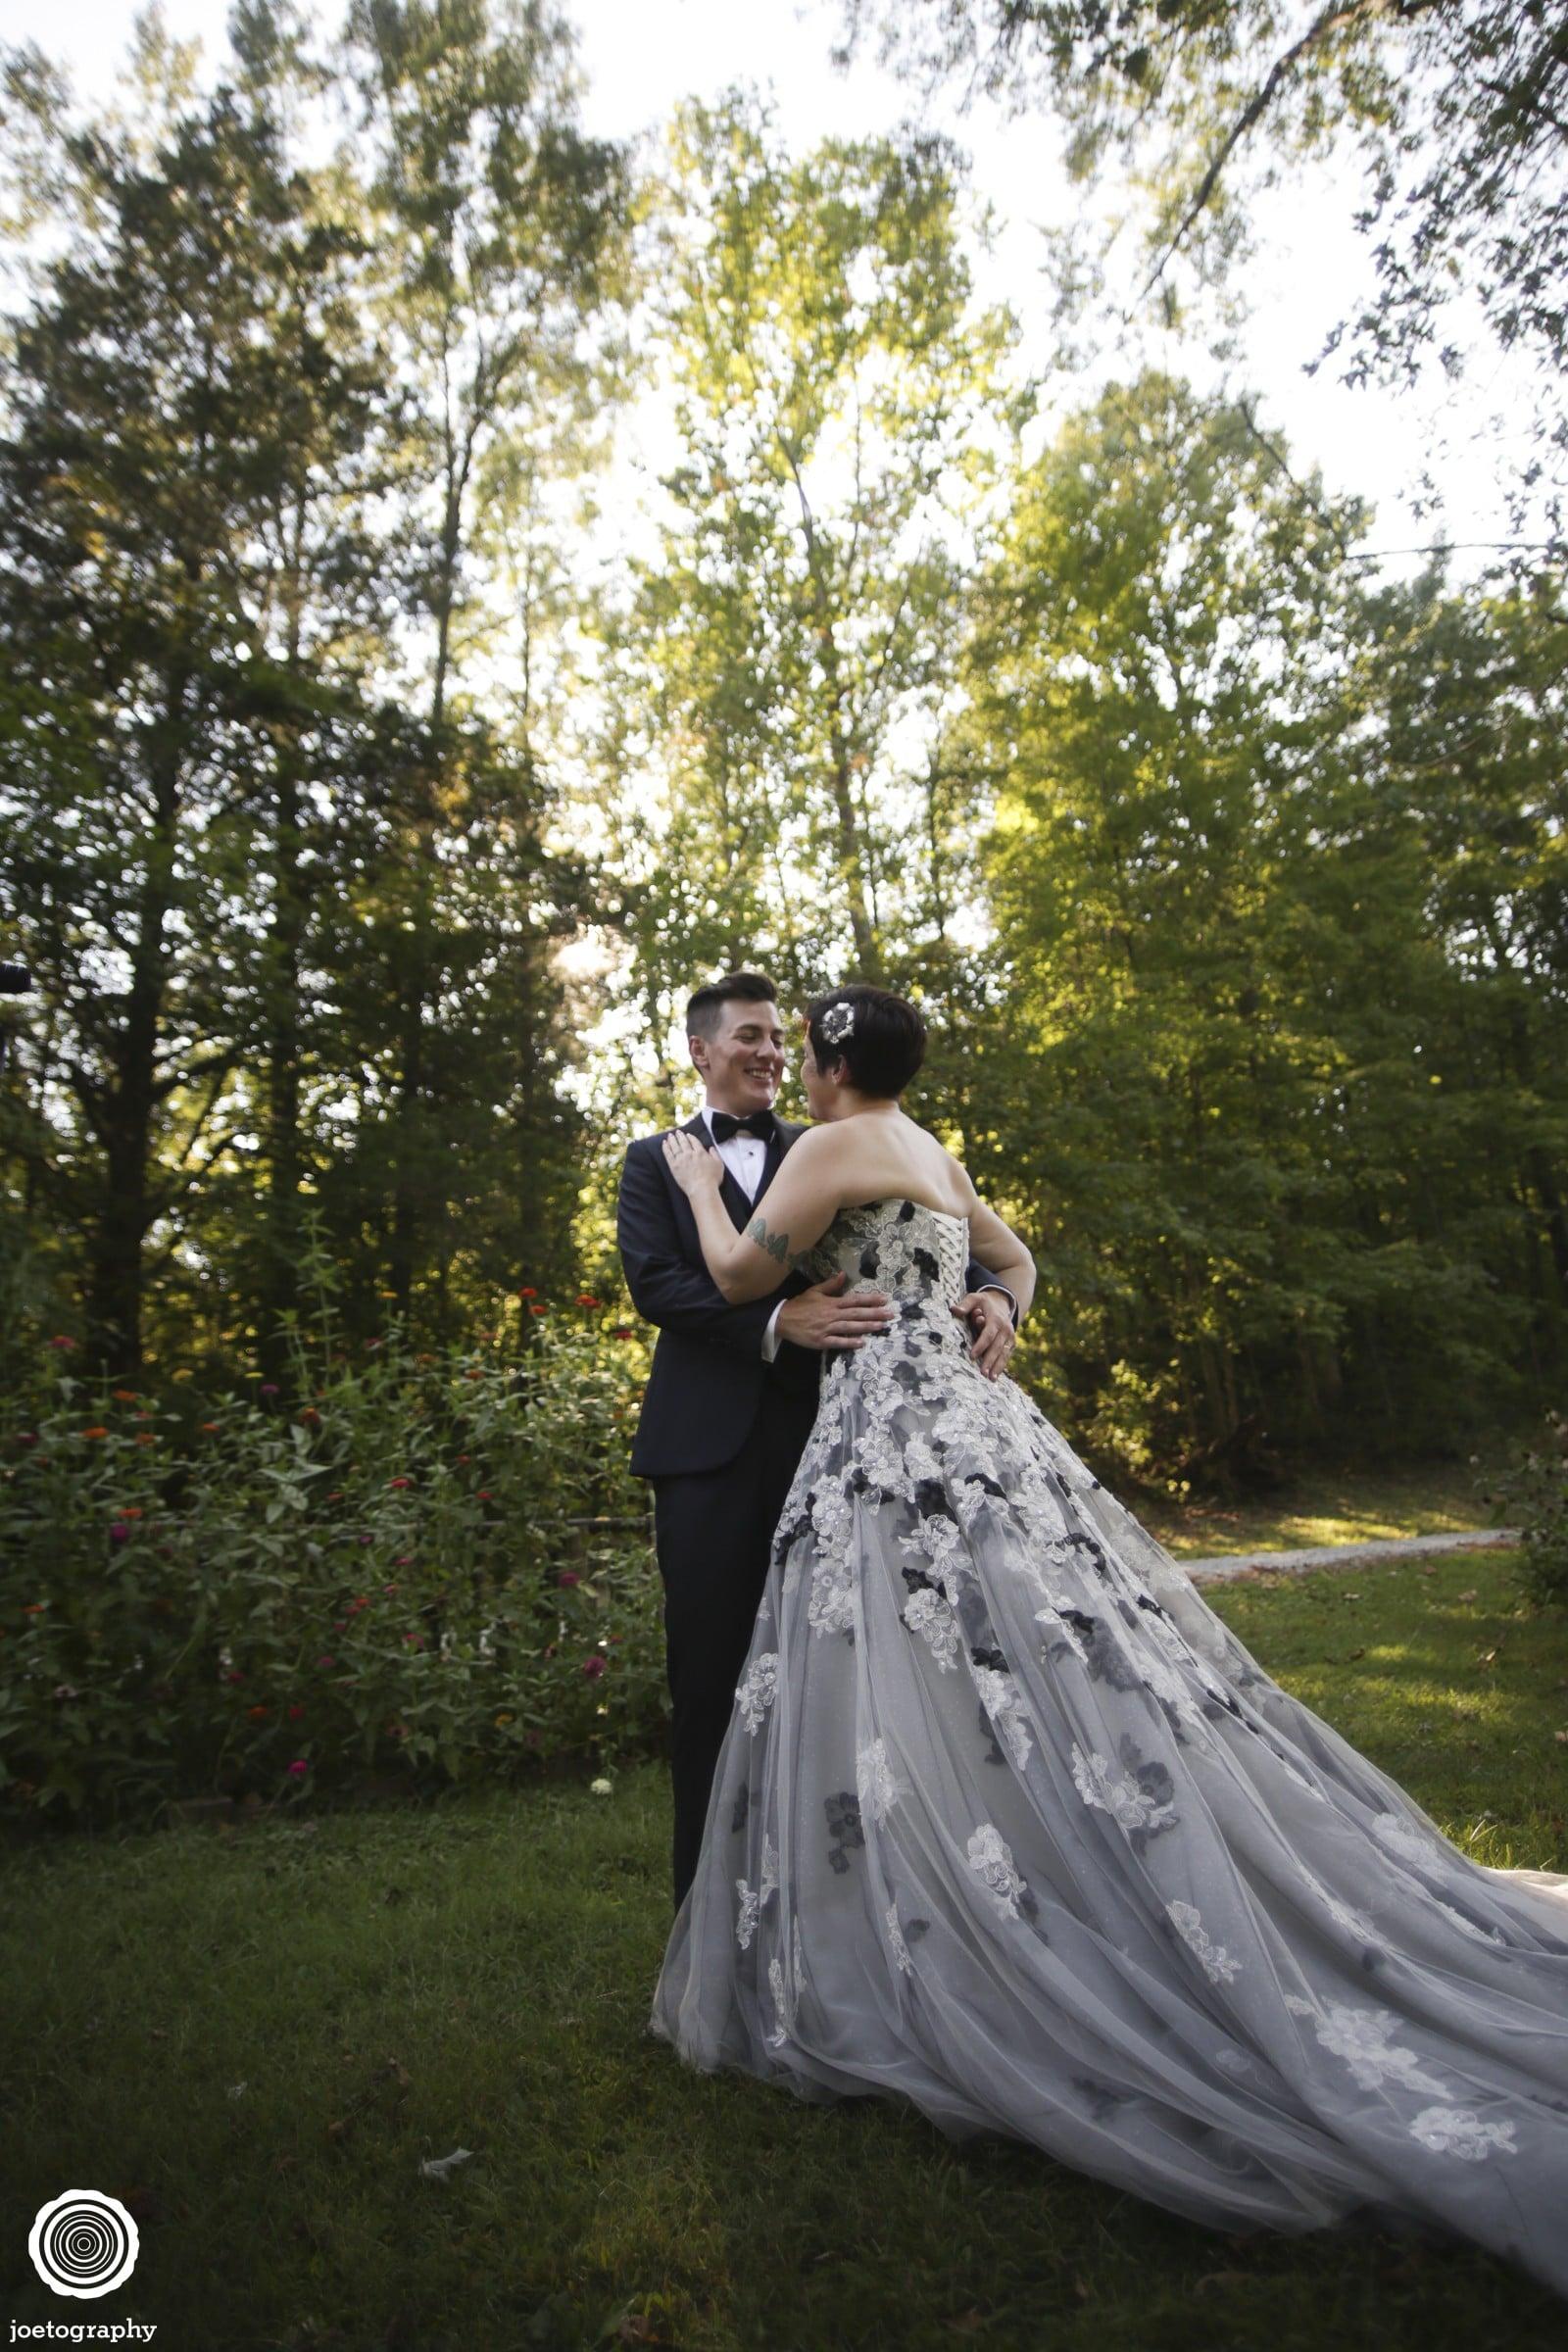 wedding-photography-story-indiana-59